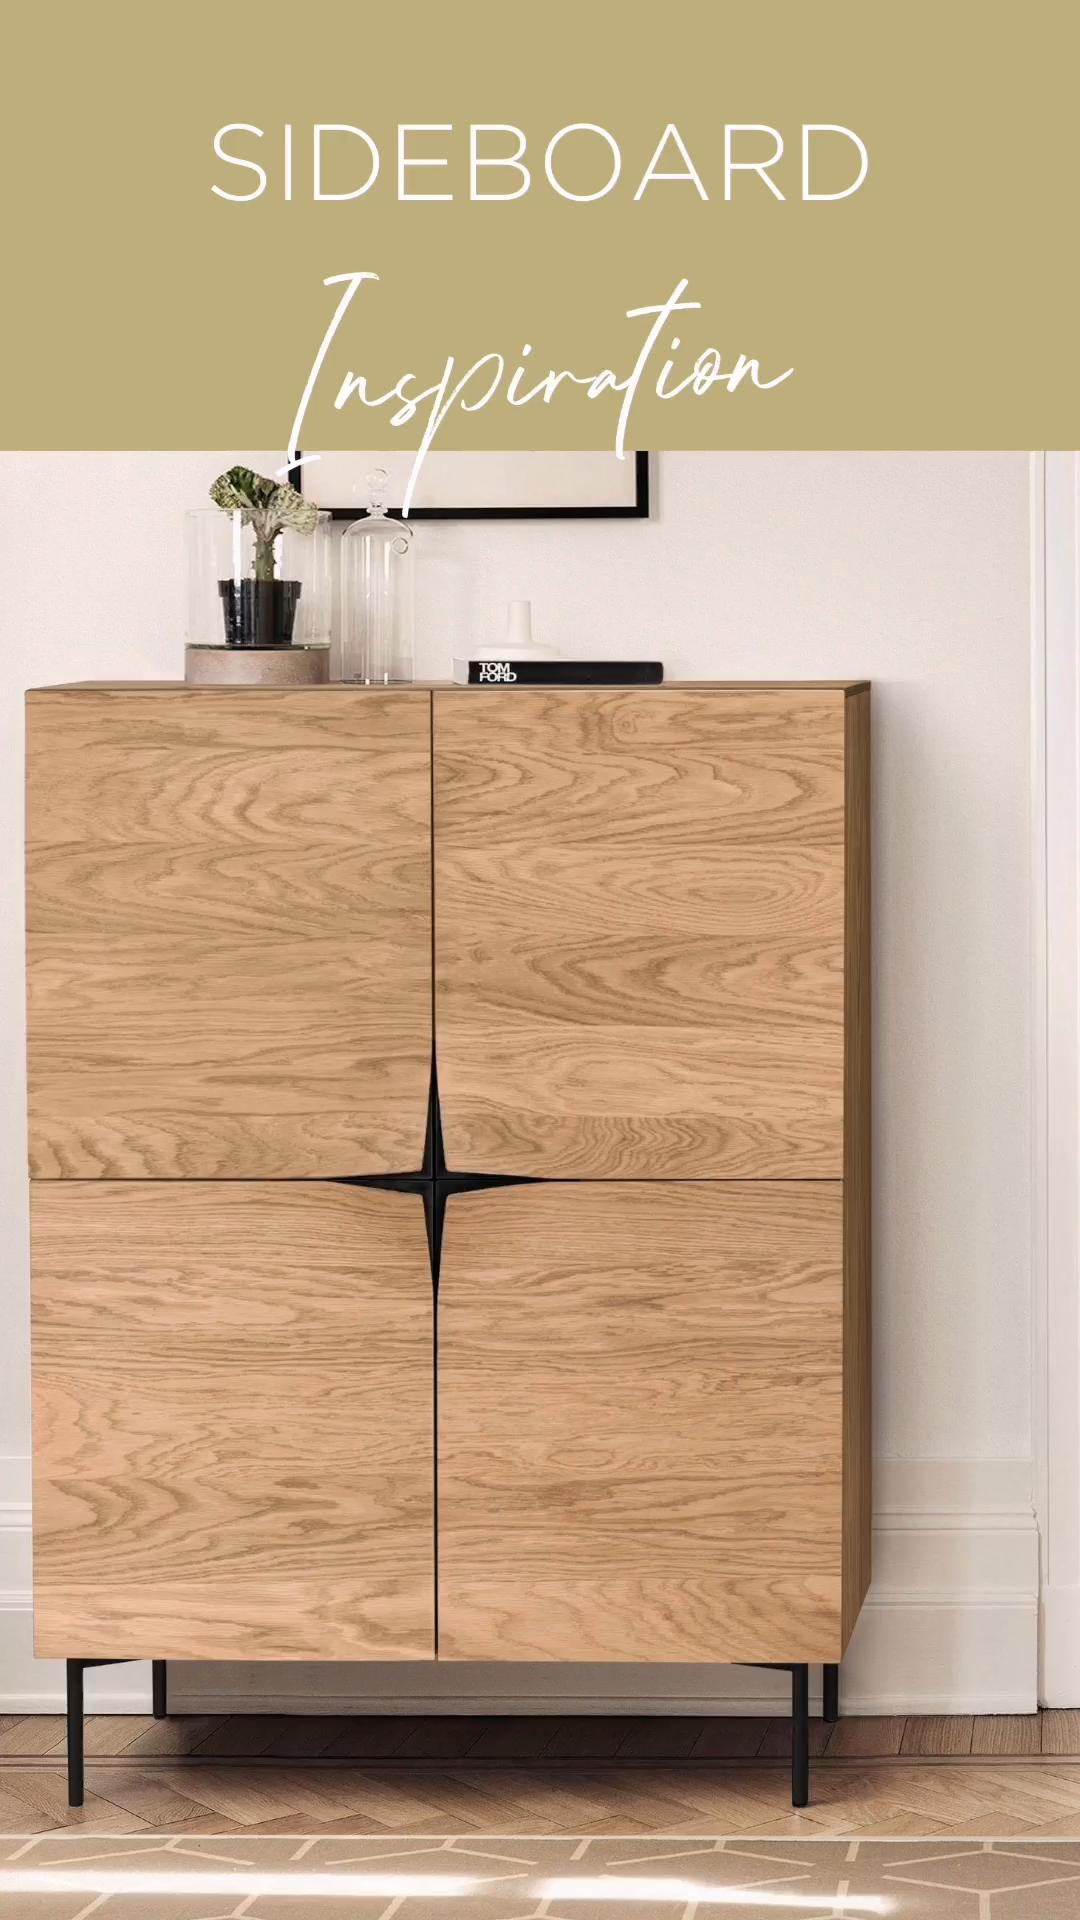 Sideboard Jetzt Auf Baur De Entdecken Einrichtungsideen Mit Sideboard Video In 2020 Decor Interior Home Decor